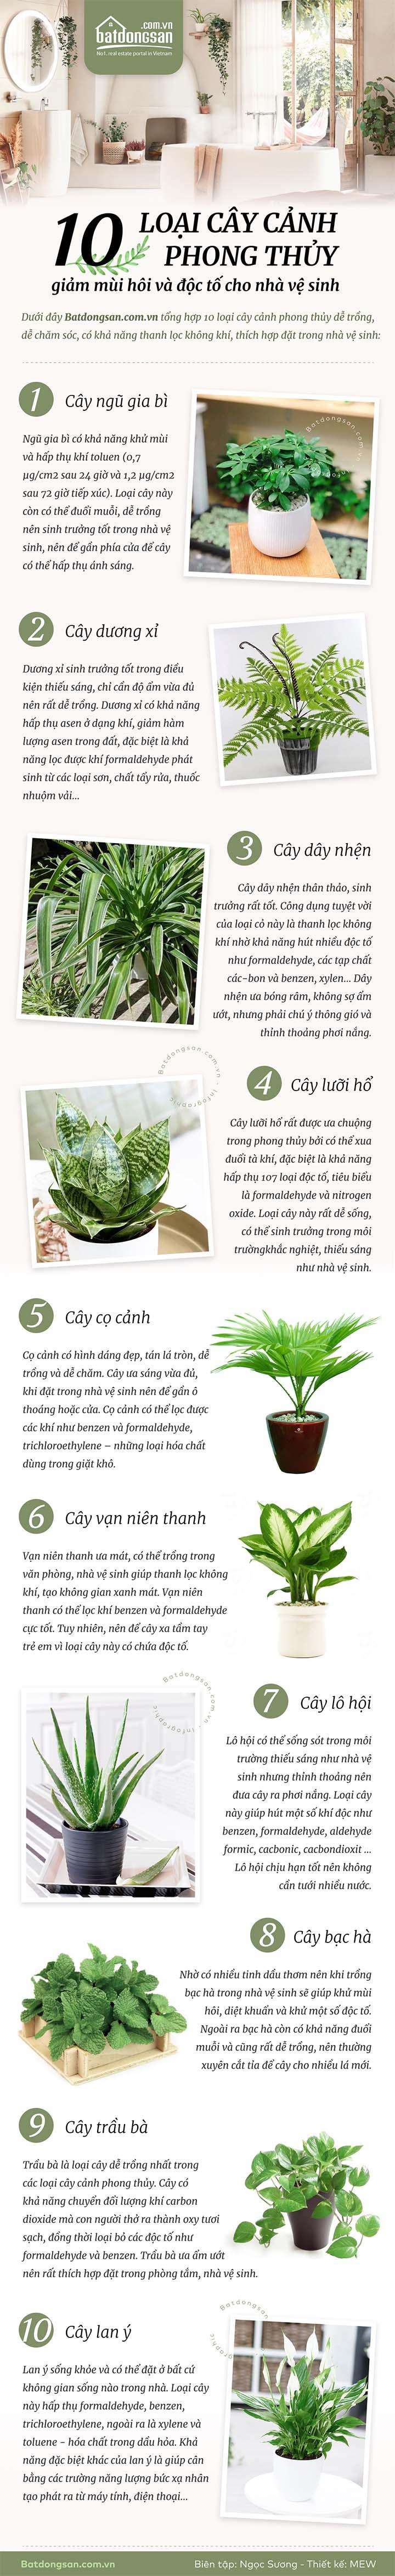 Infographic mô tả 10 loại cây cảnh phong thủy thích hợp đặt trong nhà vệ sinh